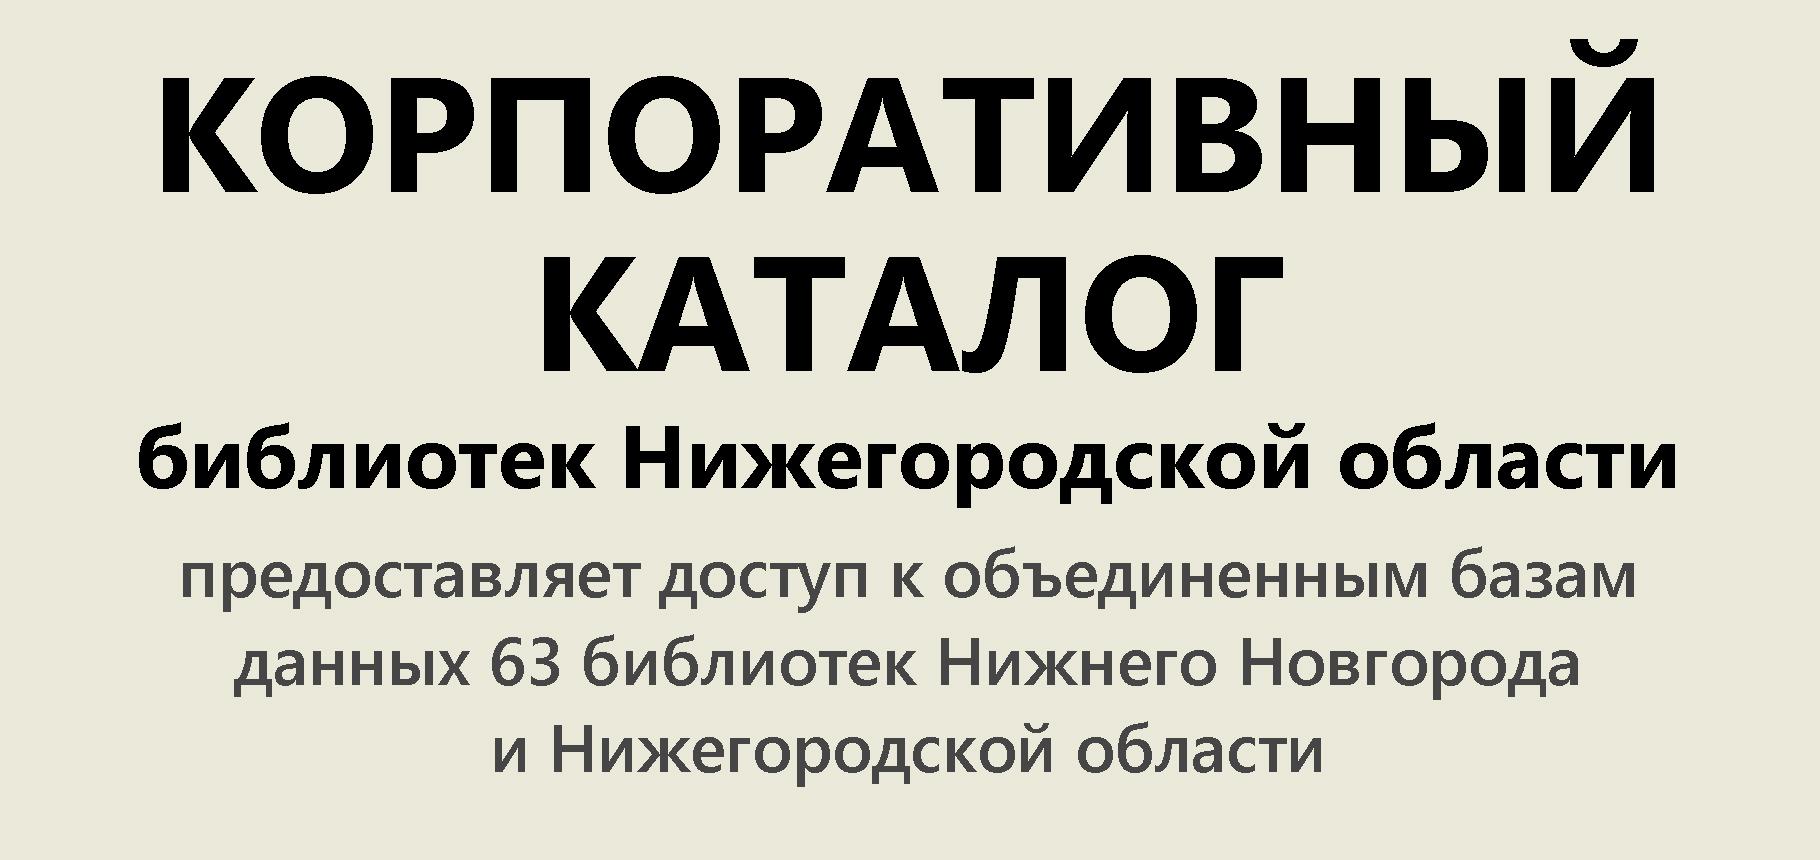 Корпоративный каталог